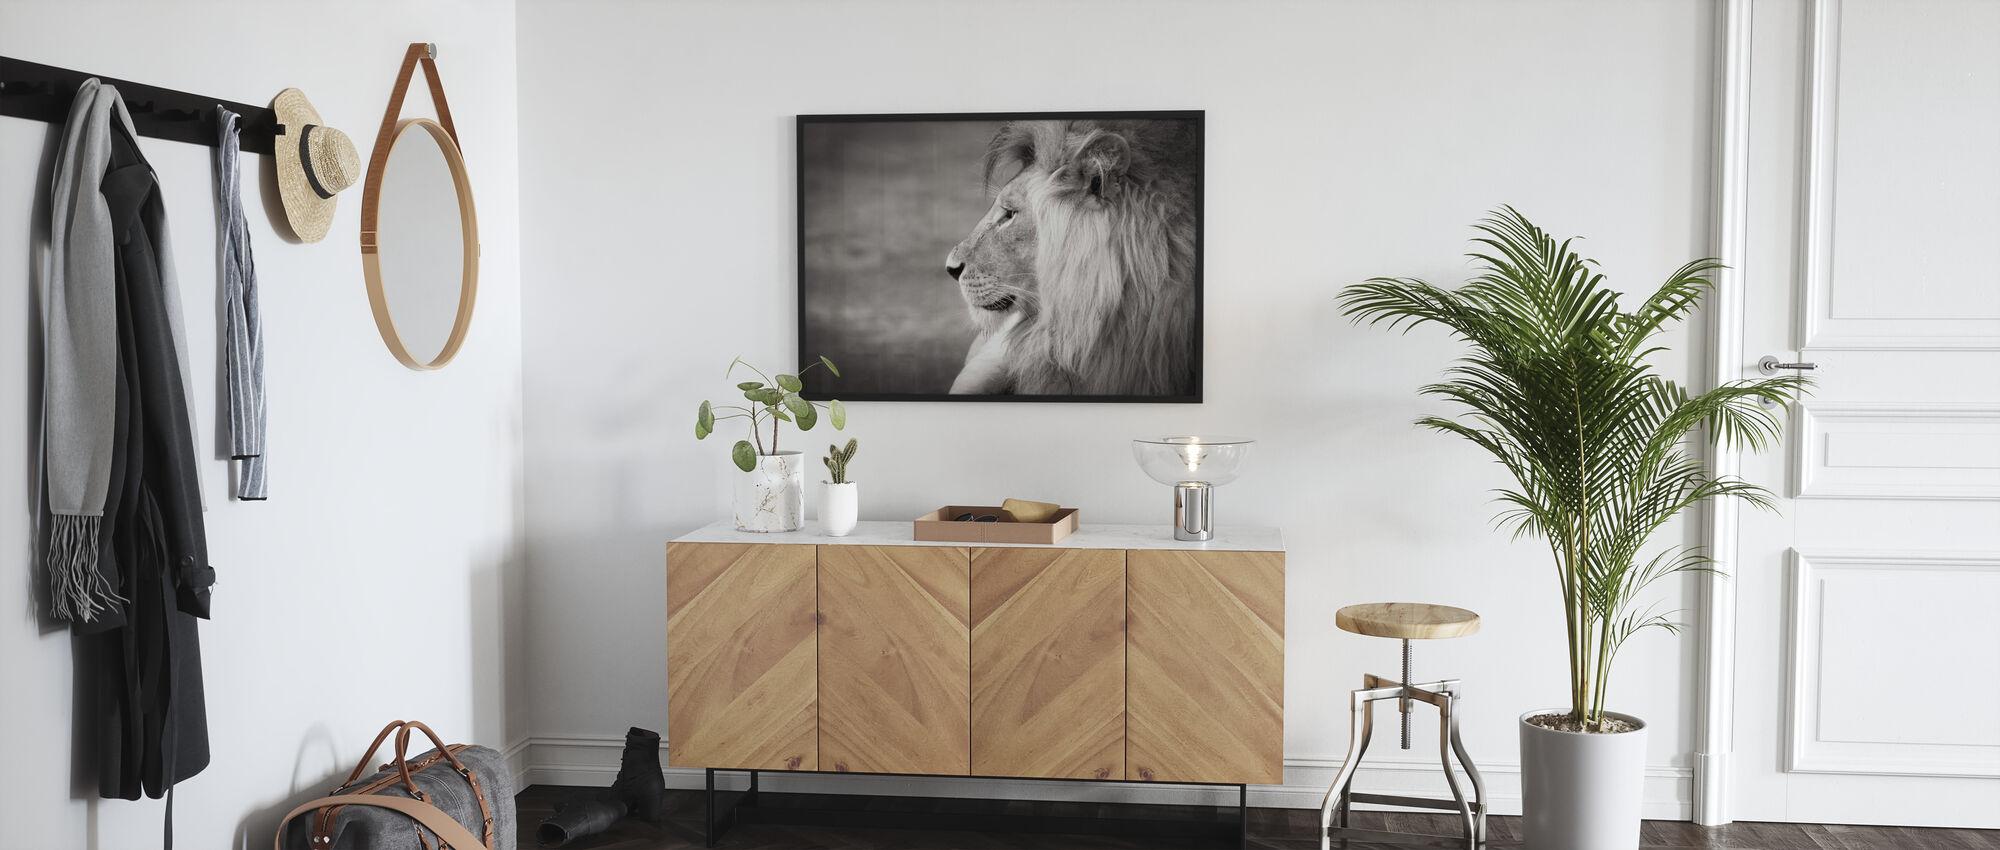 Porträtt Av En Predator, Svart och vitt - Inramad tavla - Hall